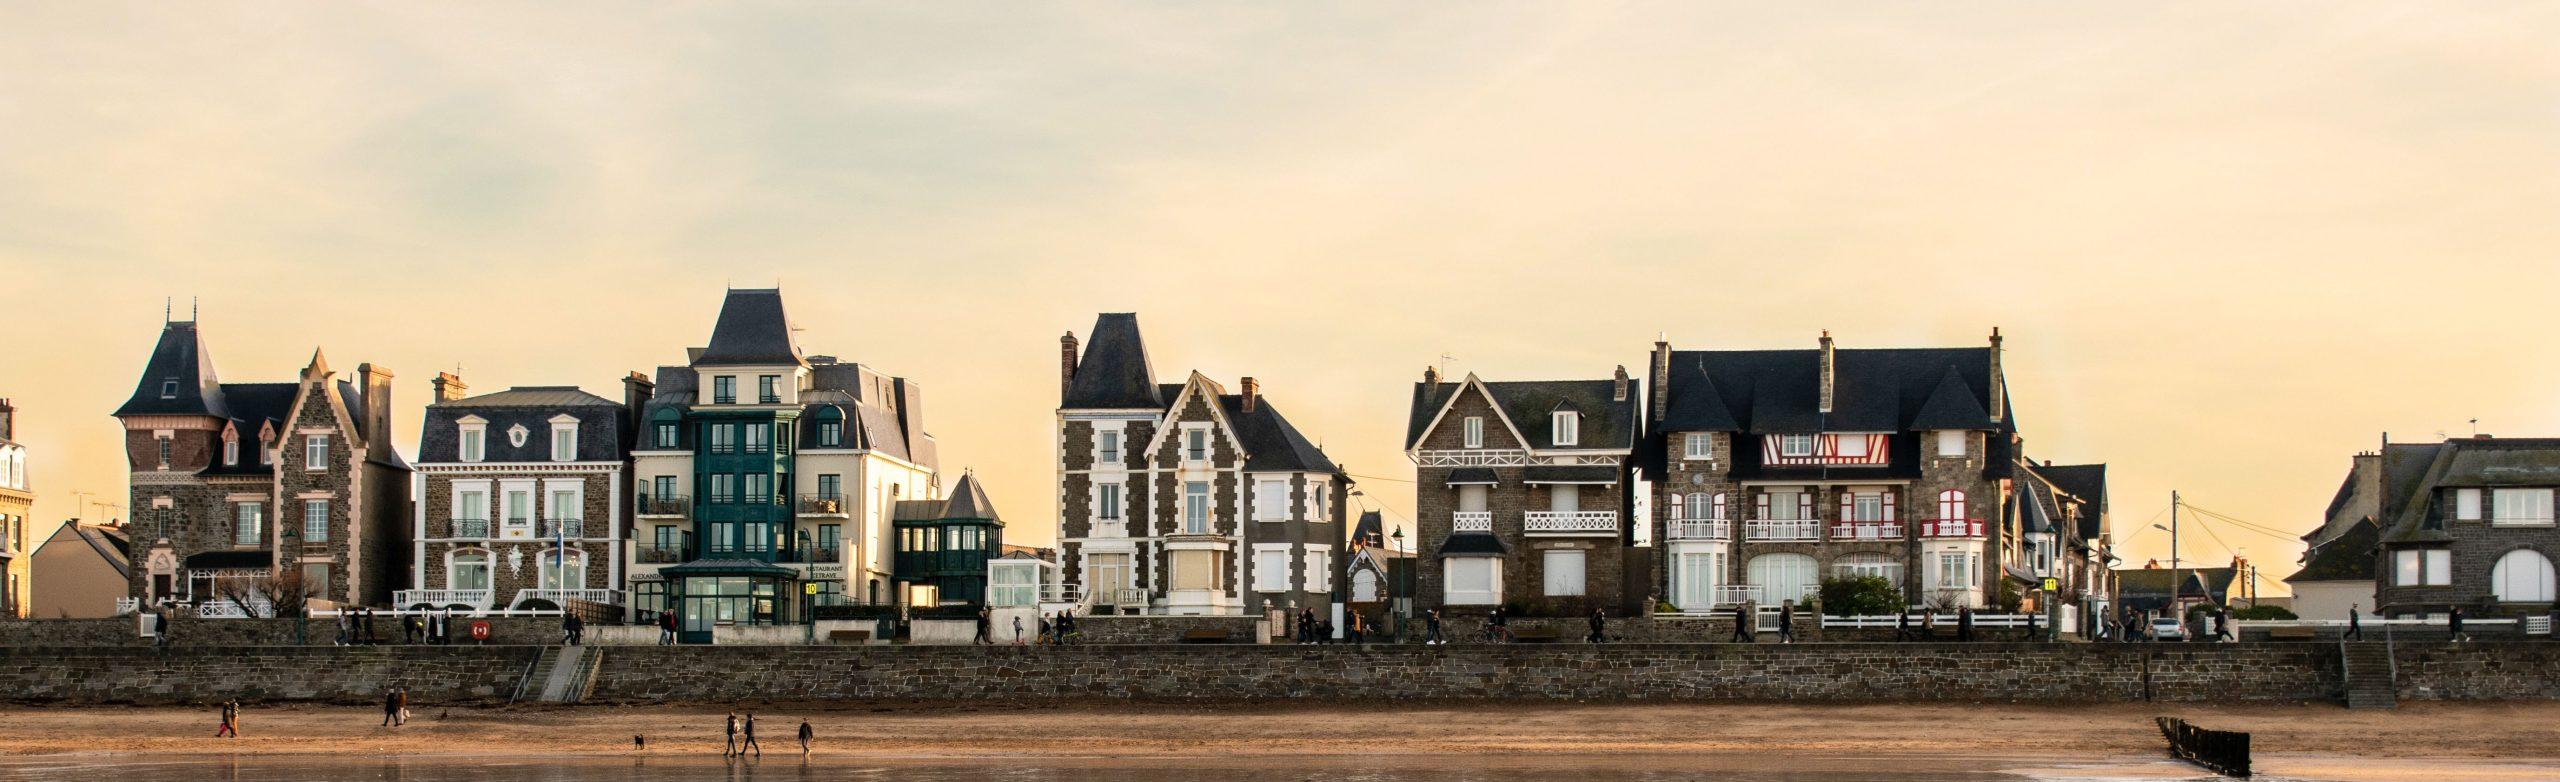 Maisons Saint Malo coucher du soleil